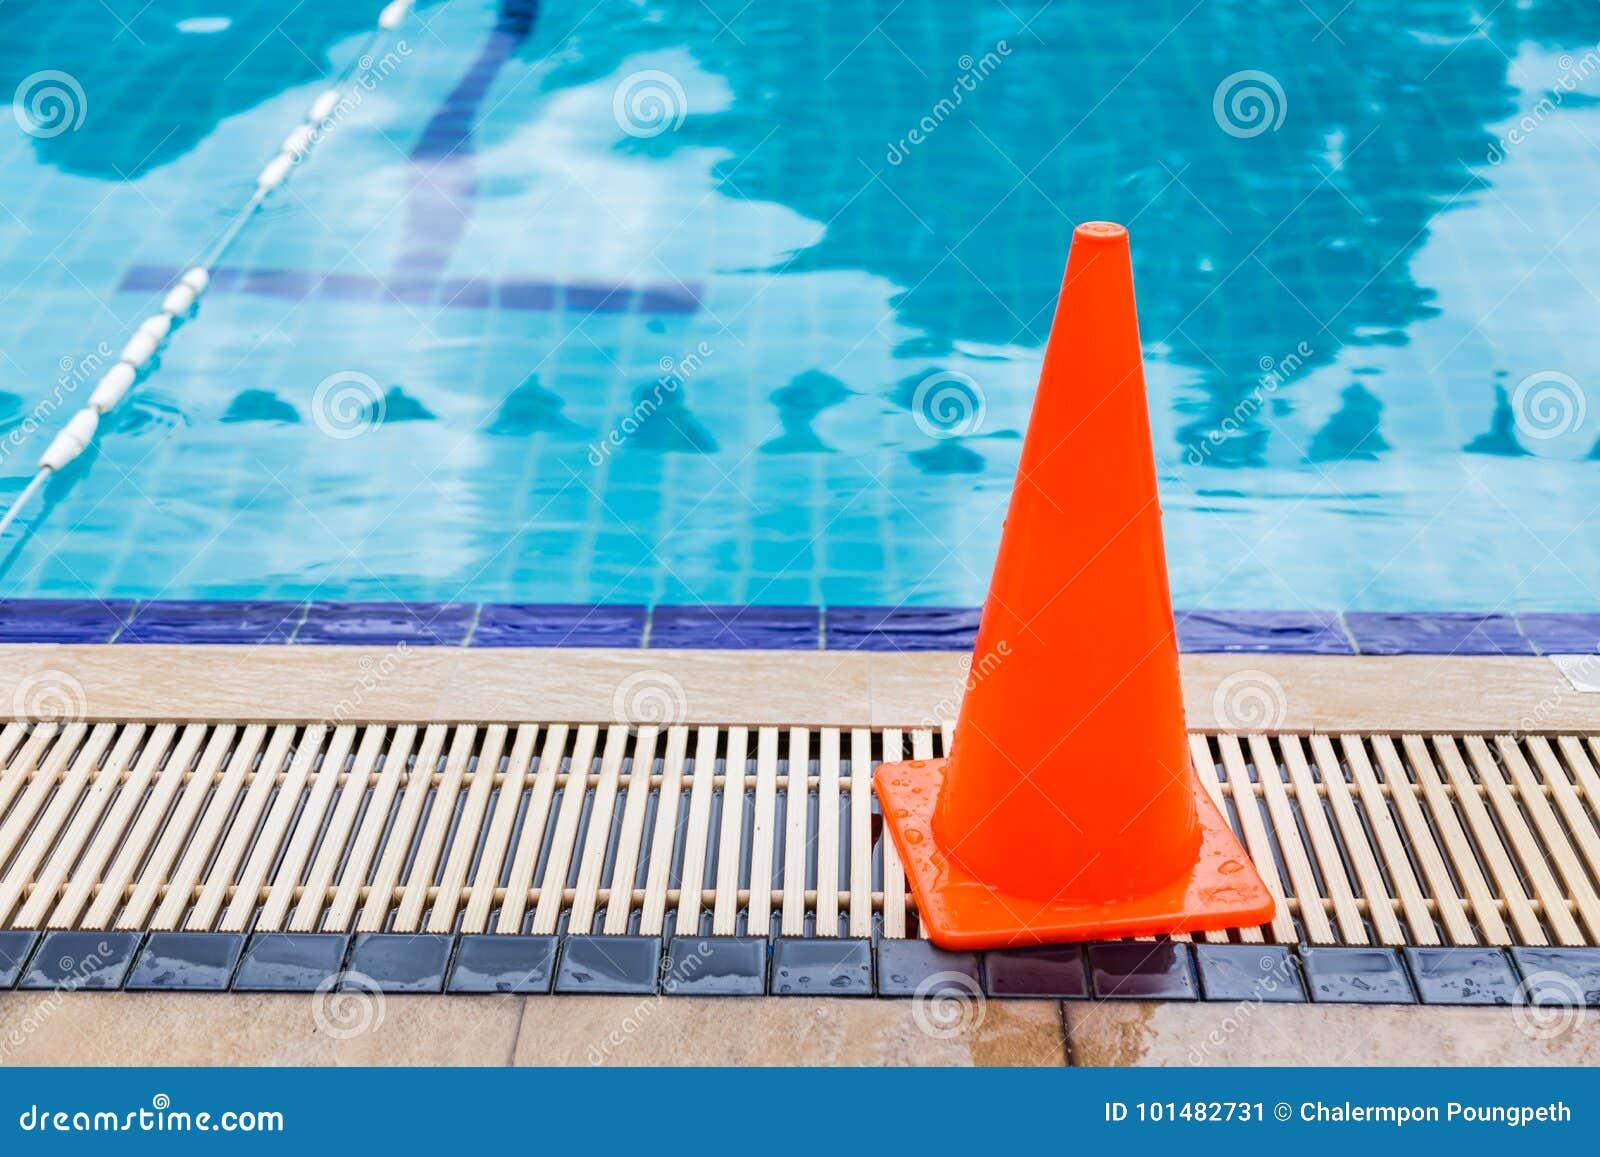 Molhe o cone alaranjado brilhante colocado pelo lado da piscina como o safet